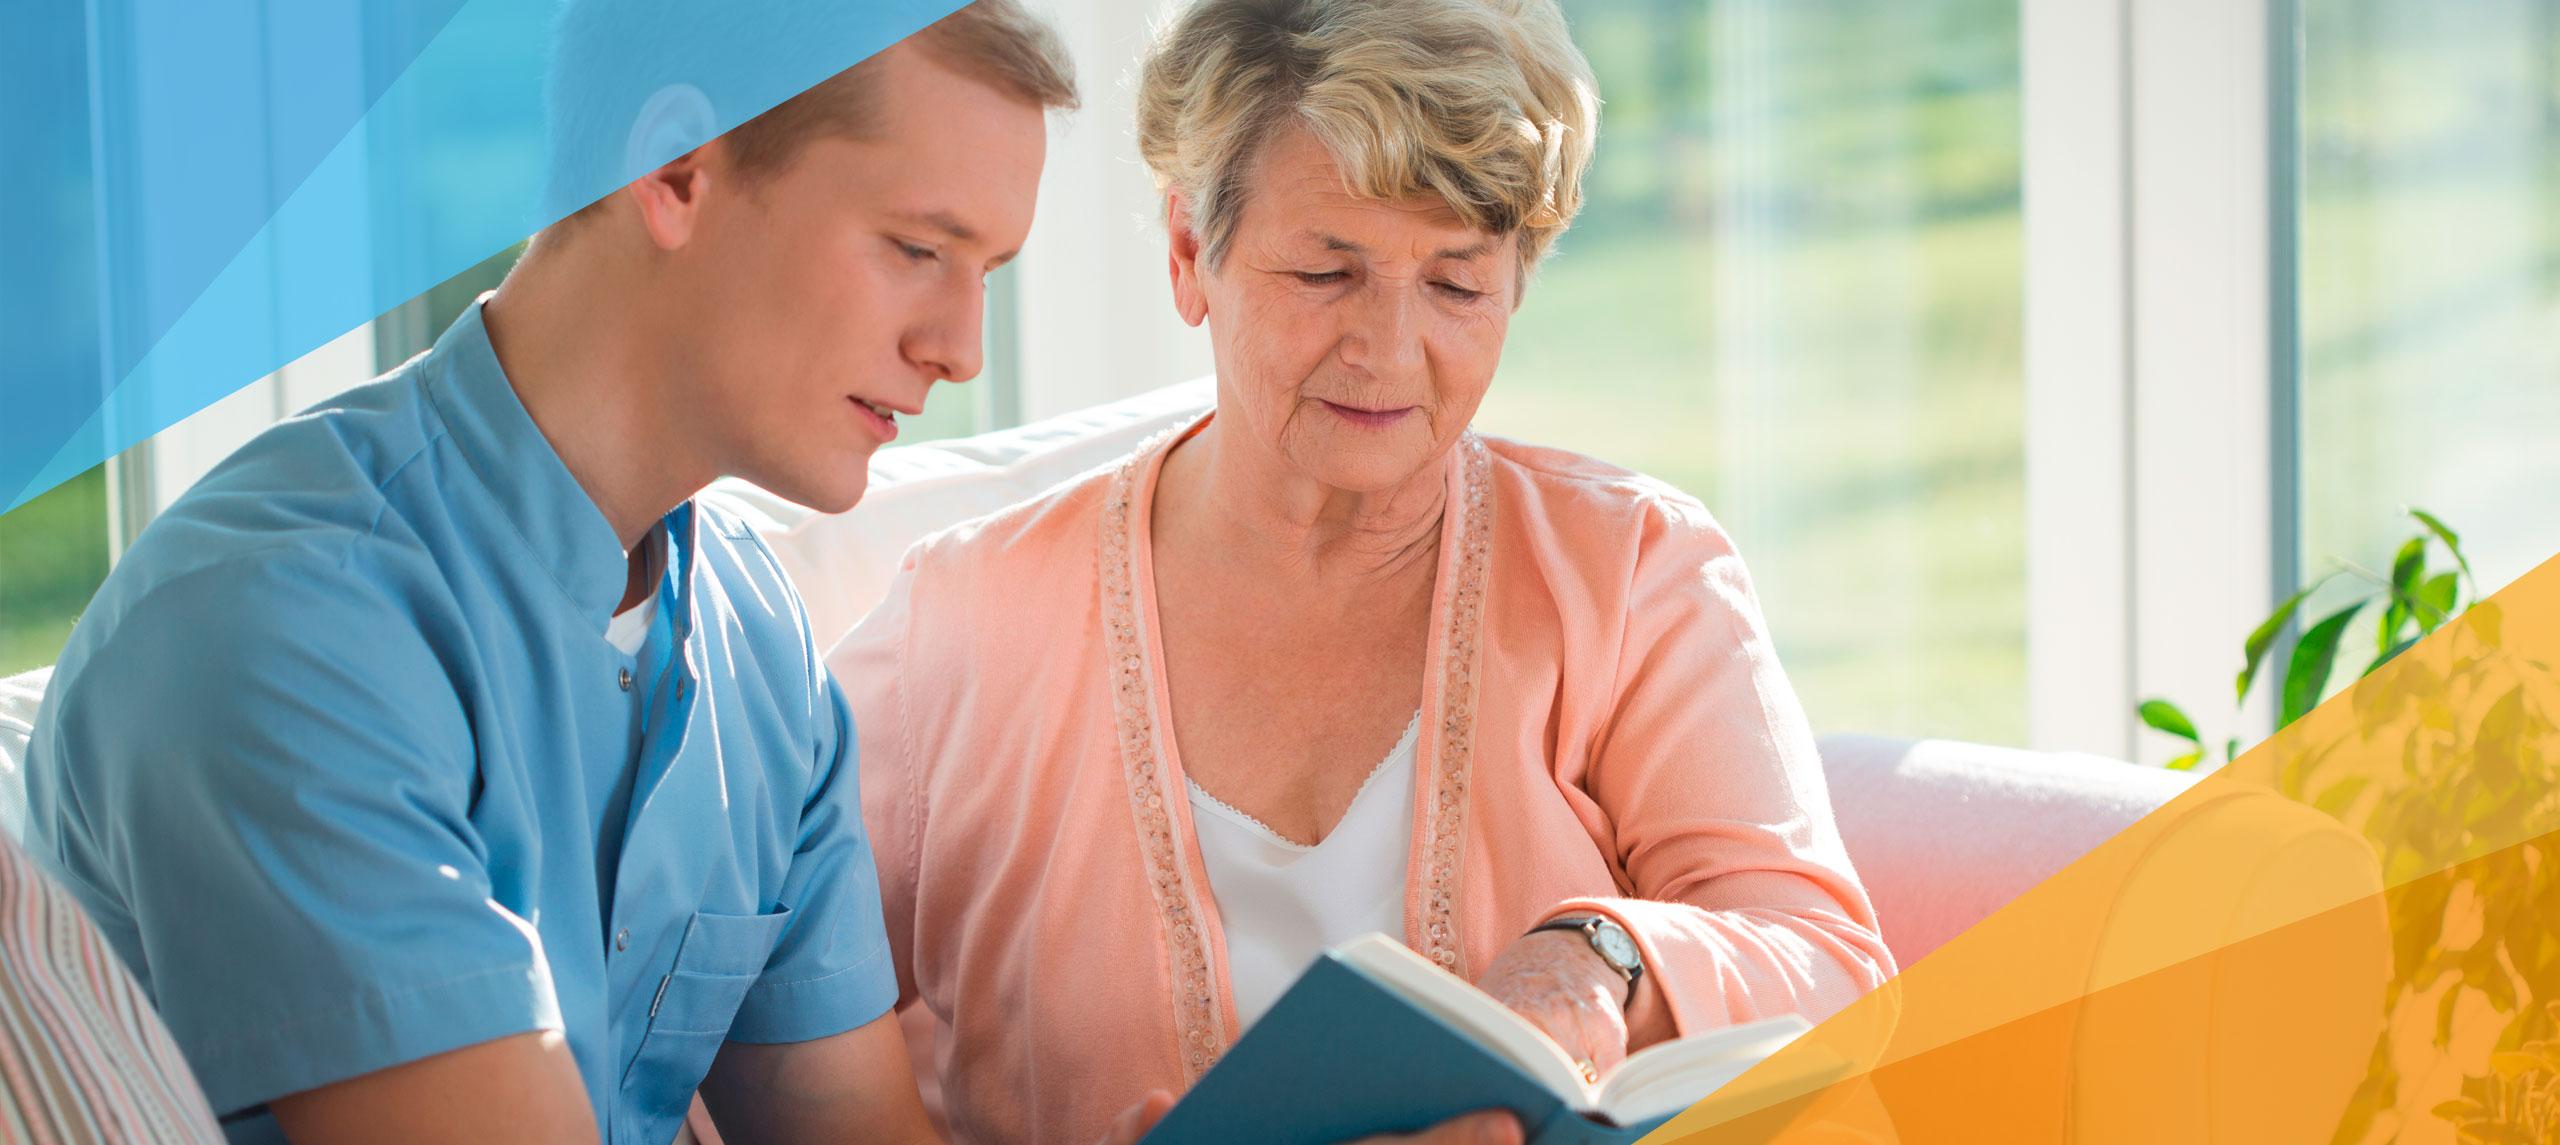 Ein junger Mann hilft einer älteren Dame beim Lesen.